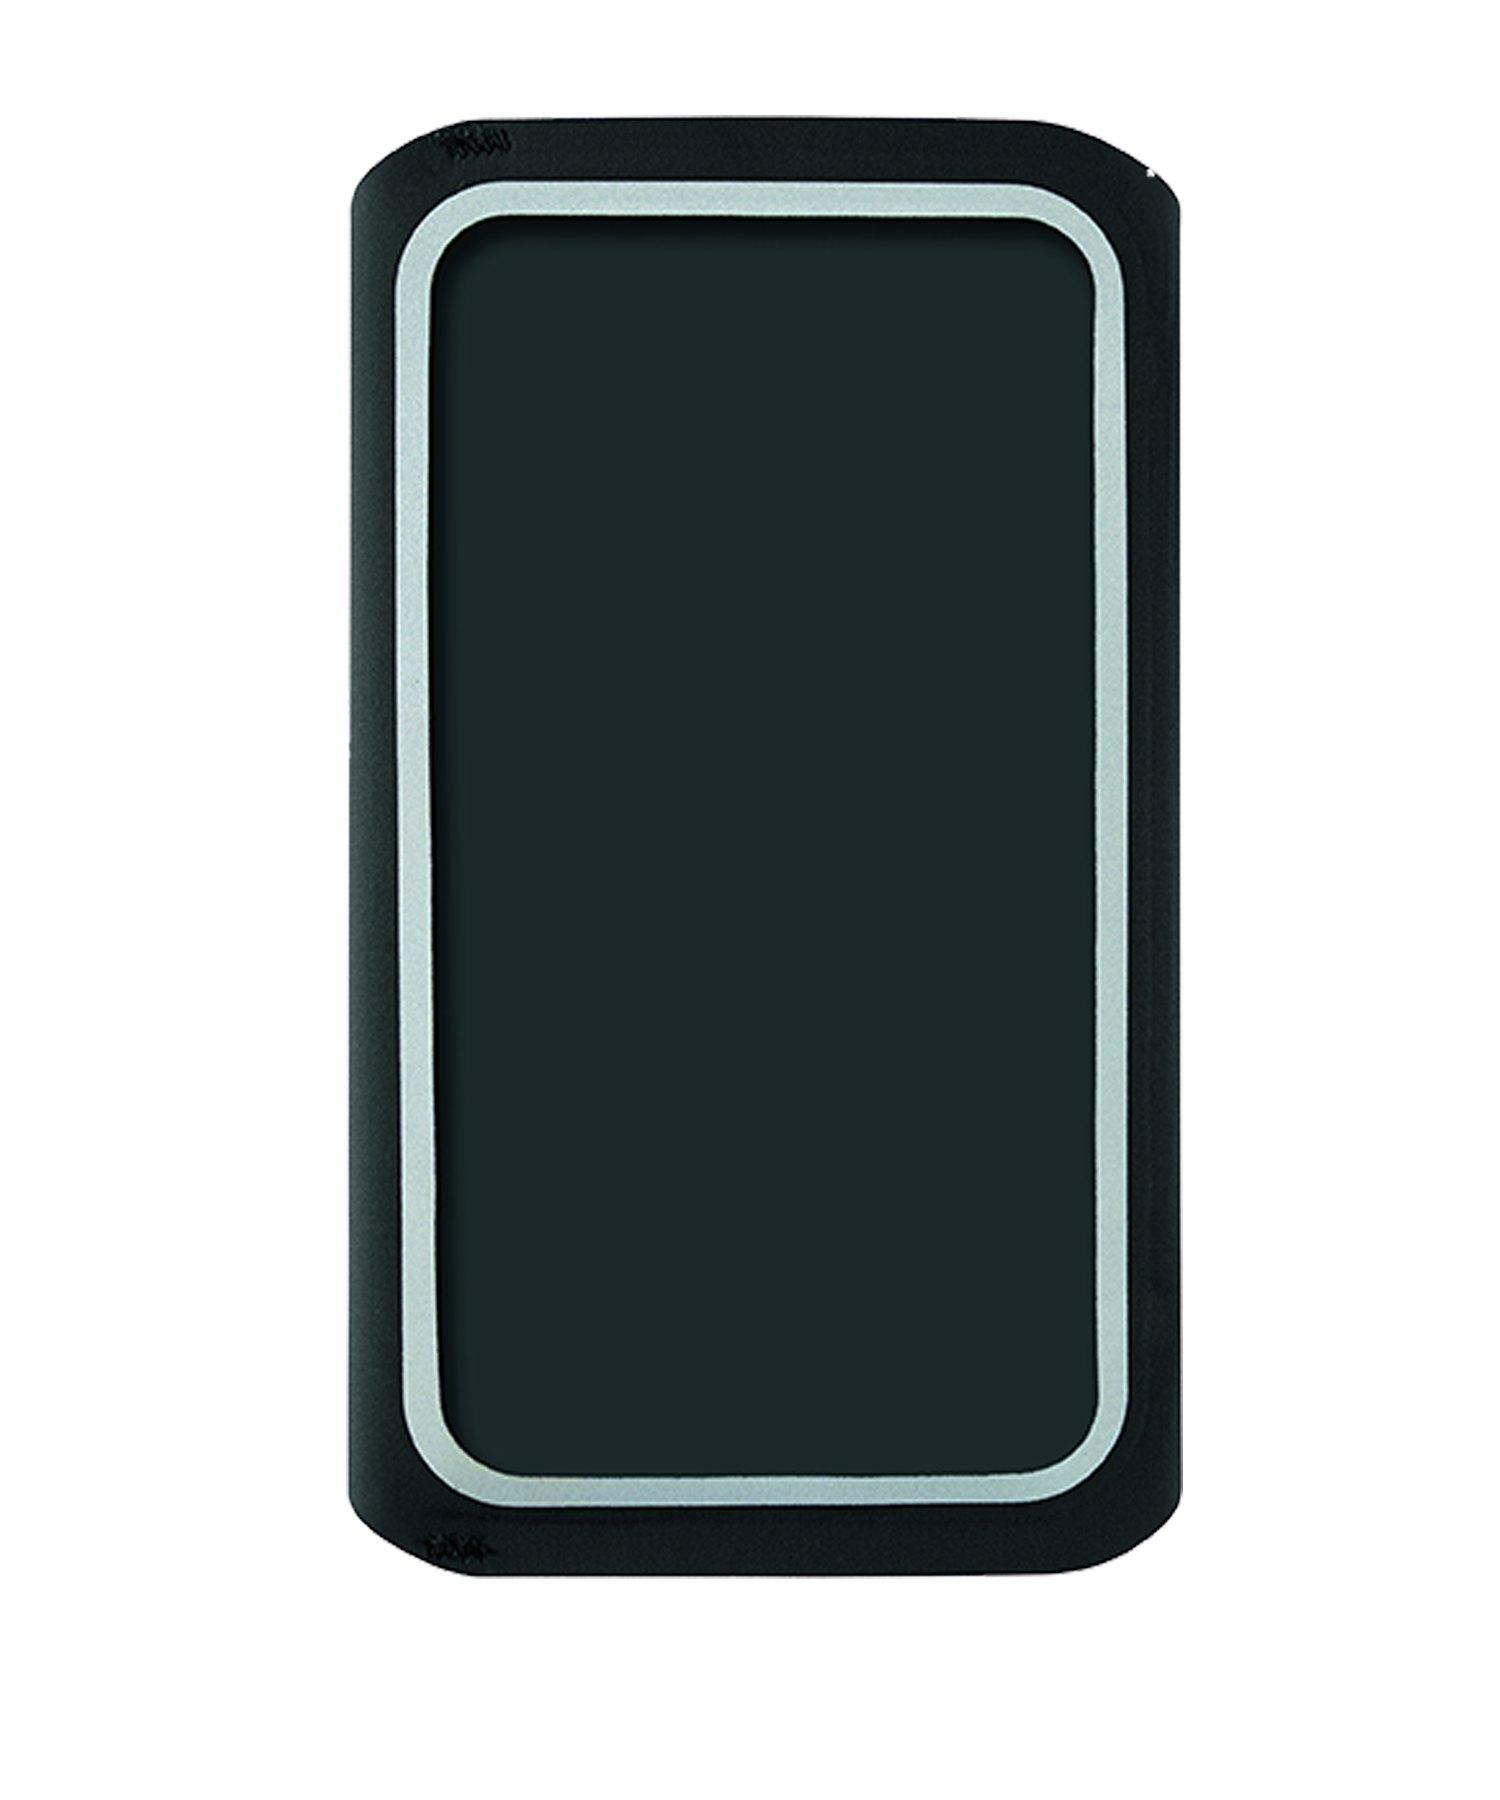 Nike Handheld Handy Schwarz Silber F082 - schwarz